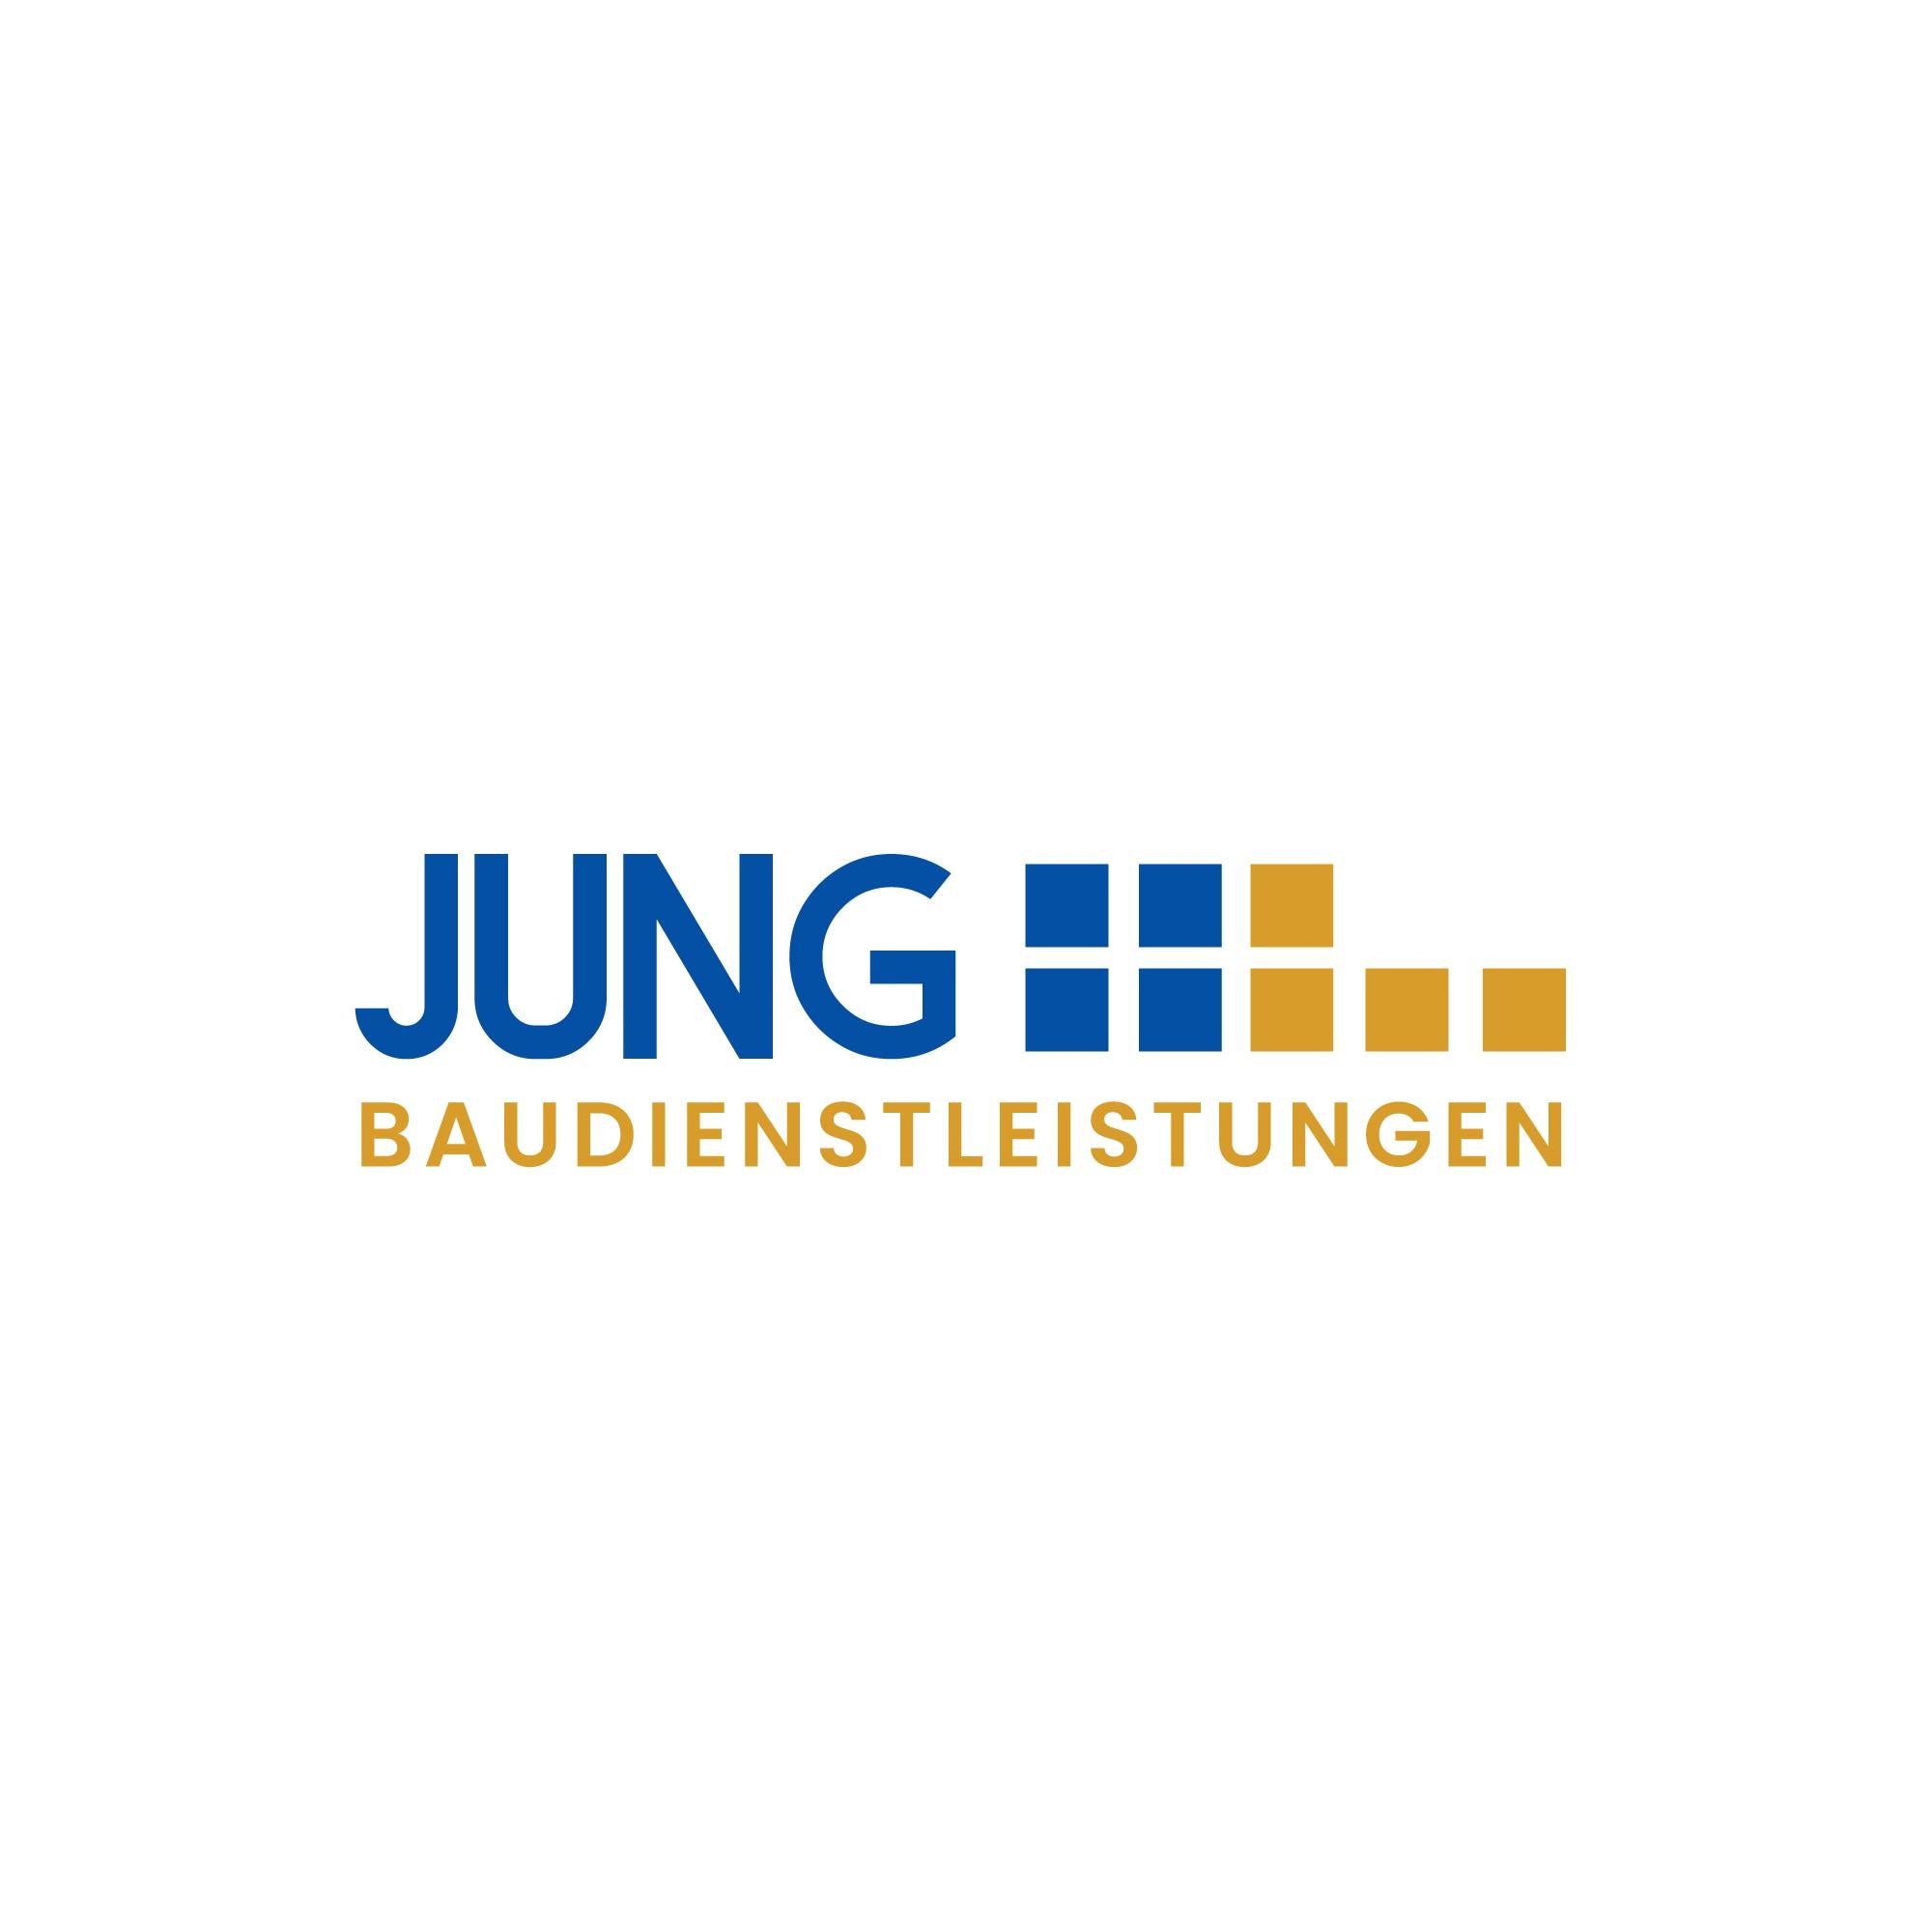 Erstelle ein Logo für ein Bauunternehmen